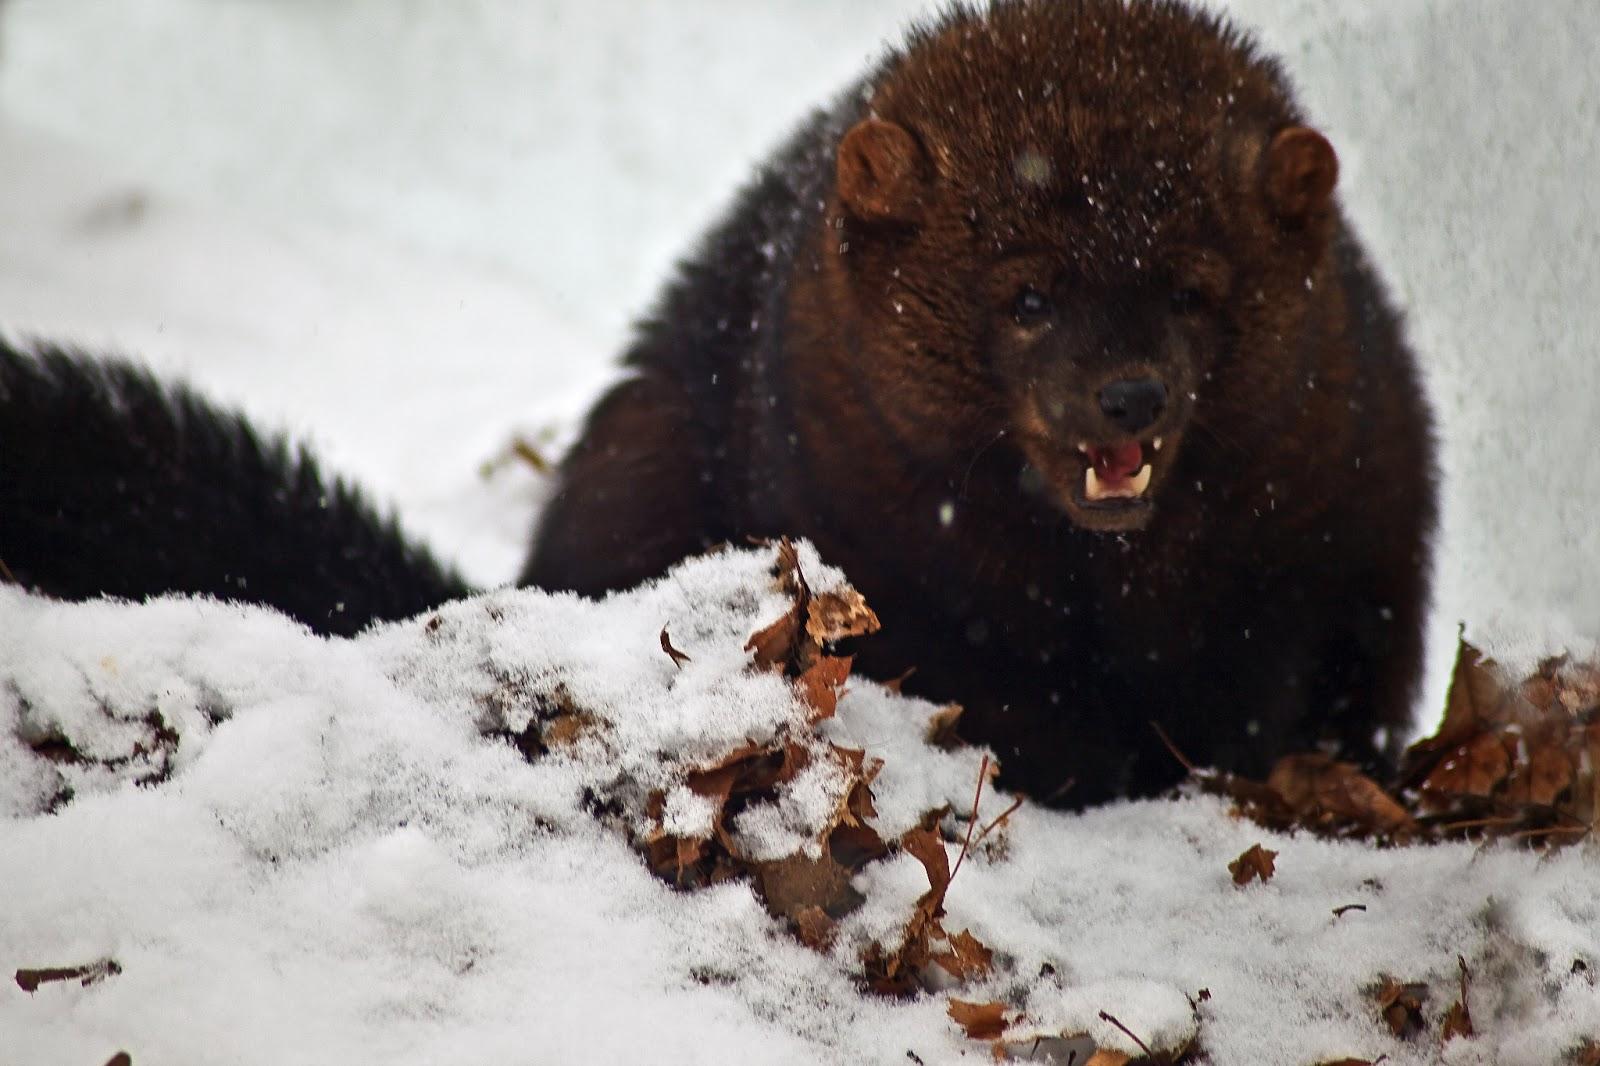 Tutti gli sfondi HD Animali selvaggi Immagini e foto-8224